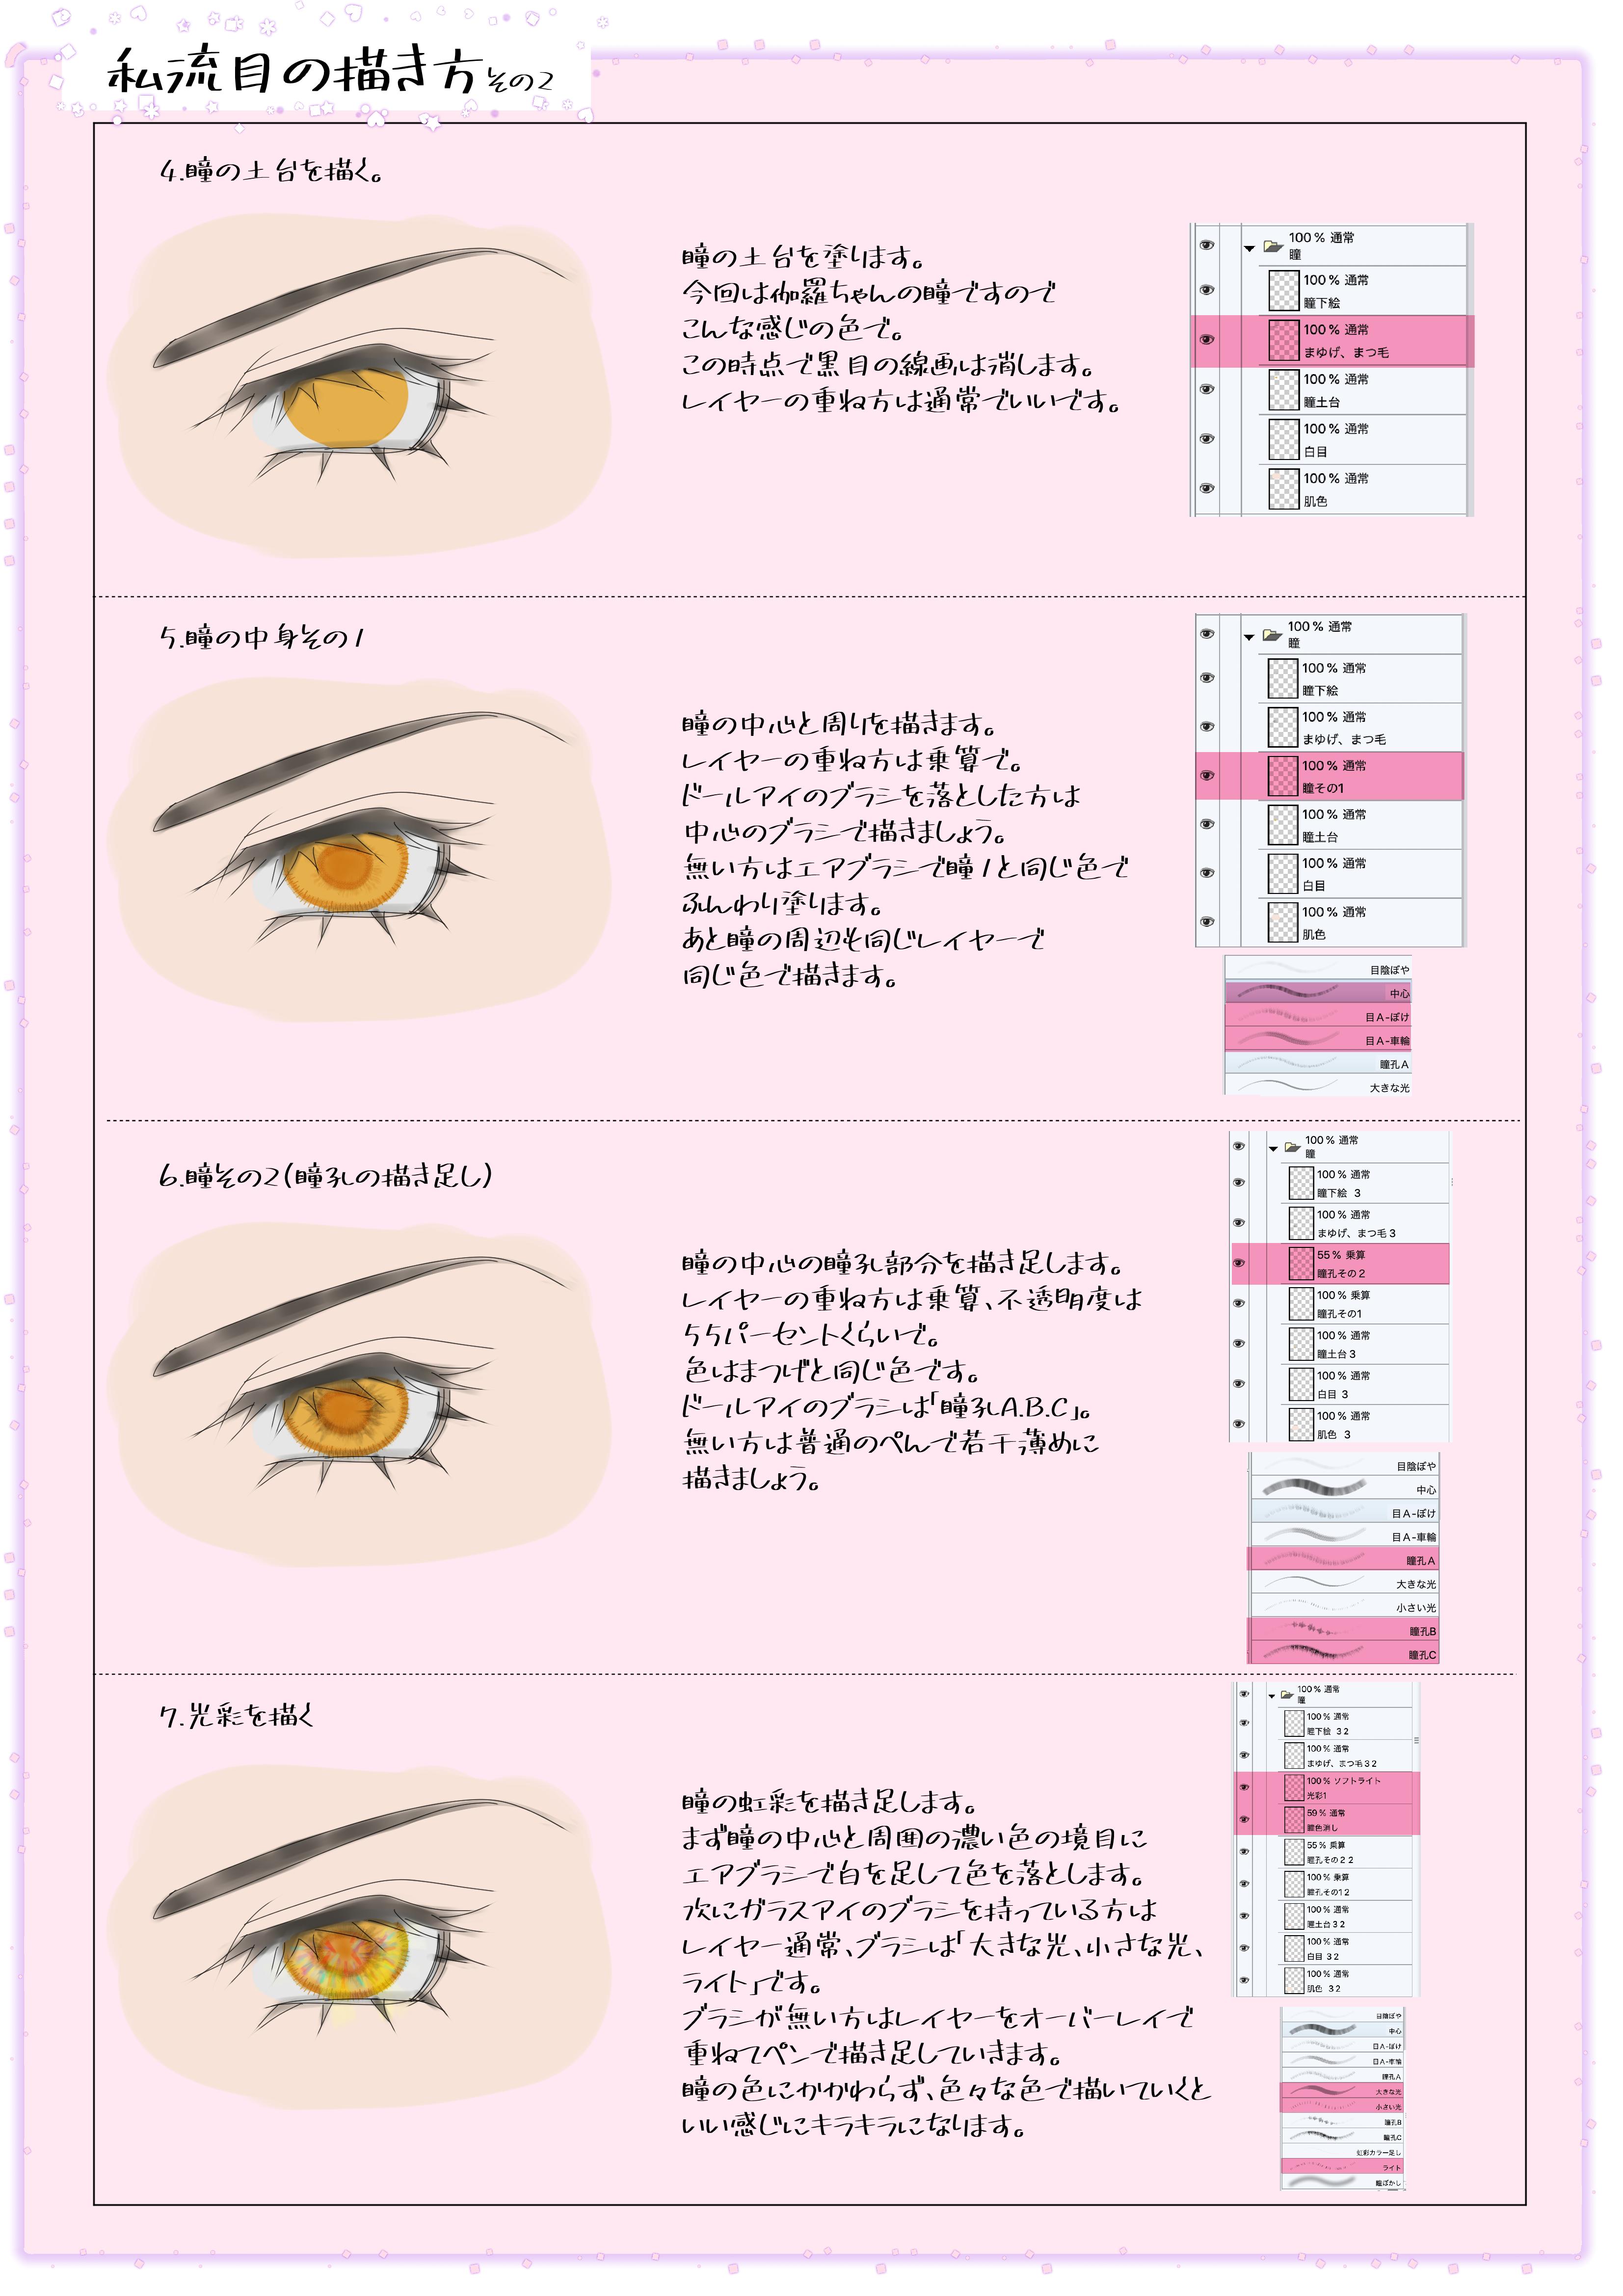 目の描き方その2